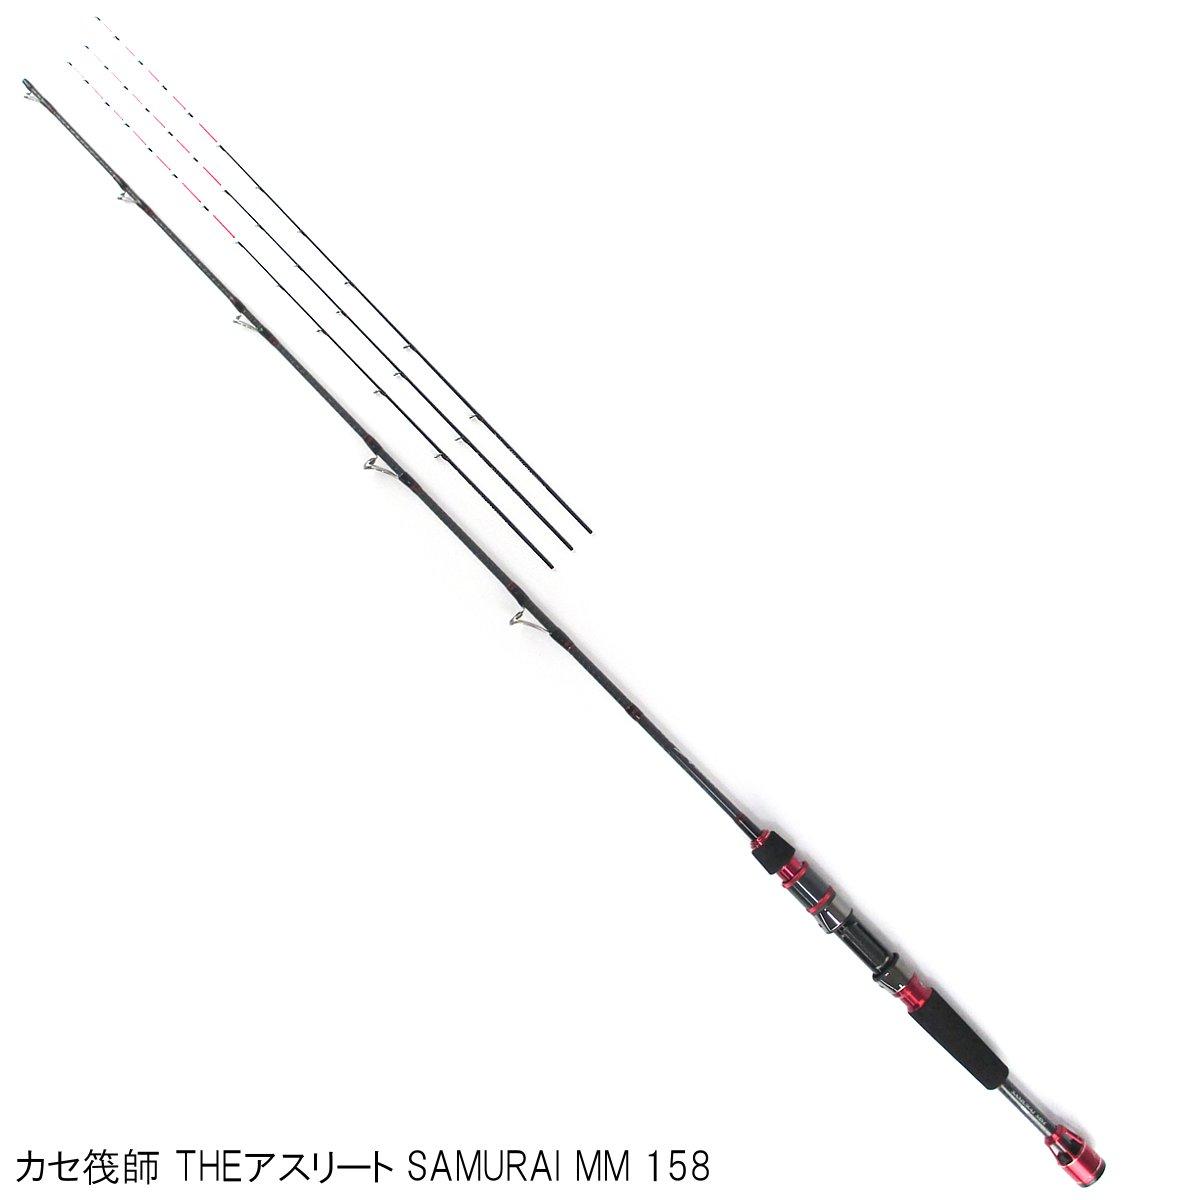 黒鯛工房 カセ筏師 THE アスリート SAMURAI MM 158